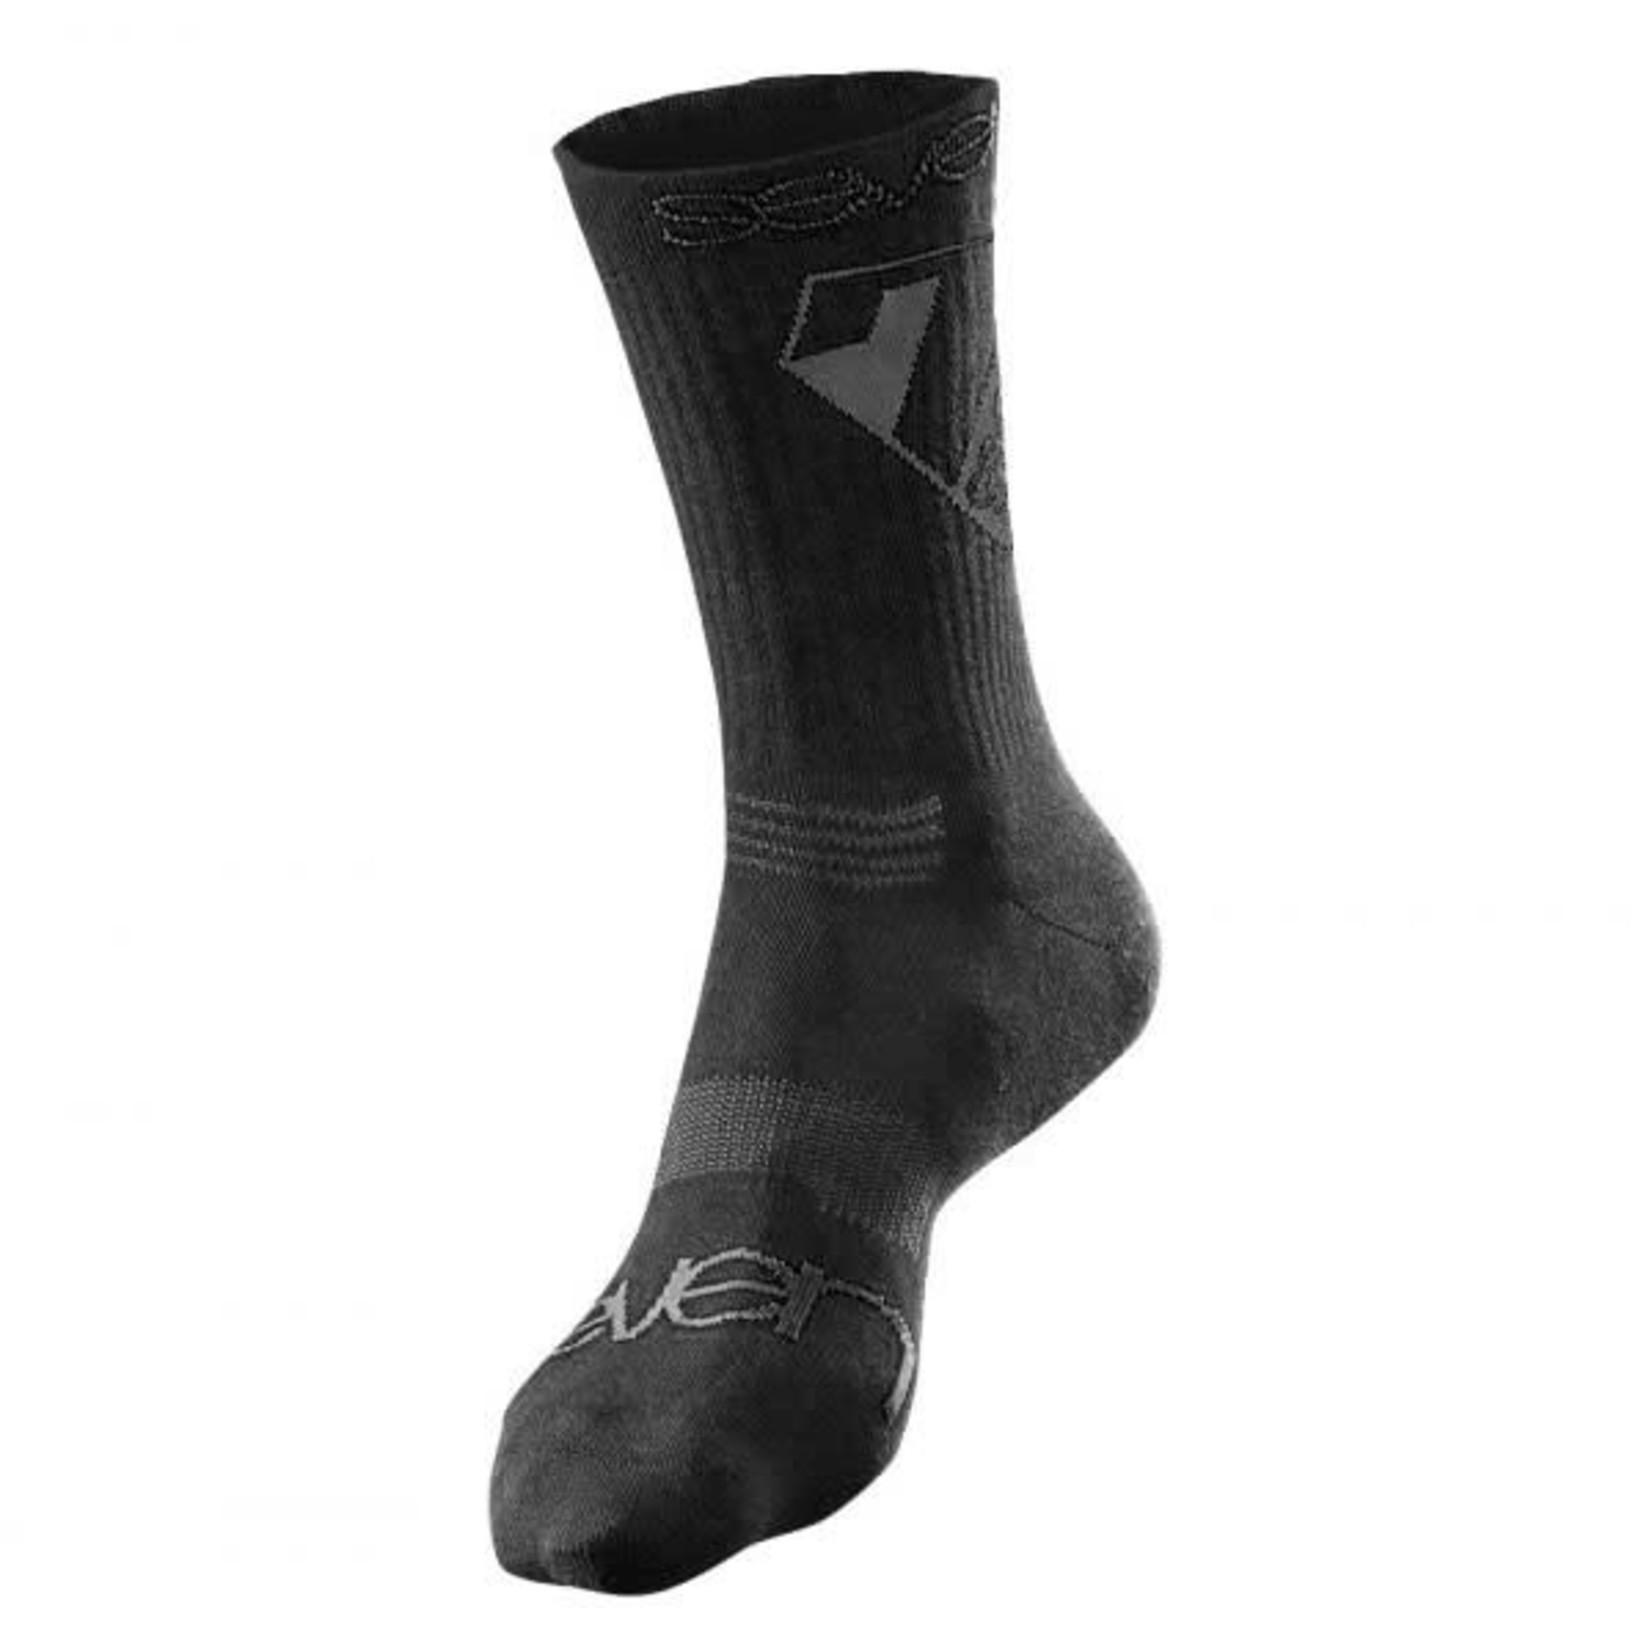 7 Protection 7 Protection - Socks